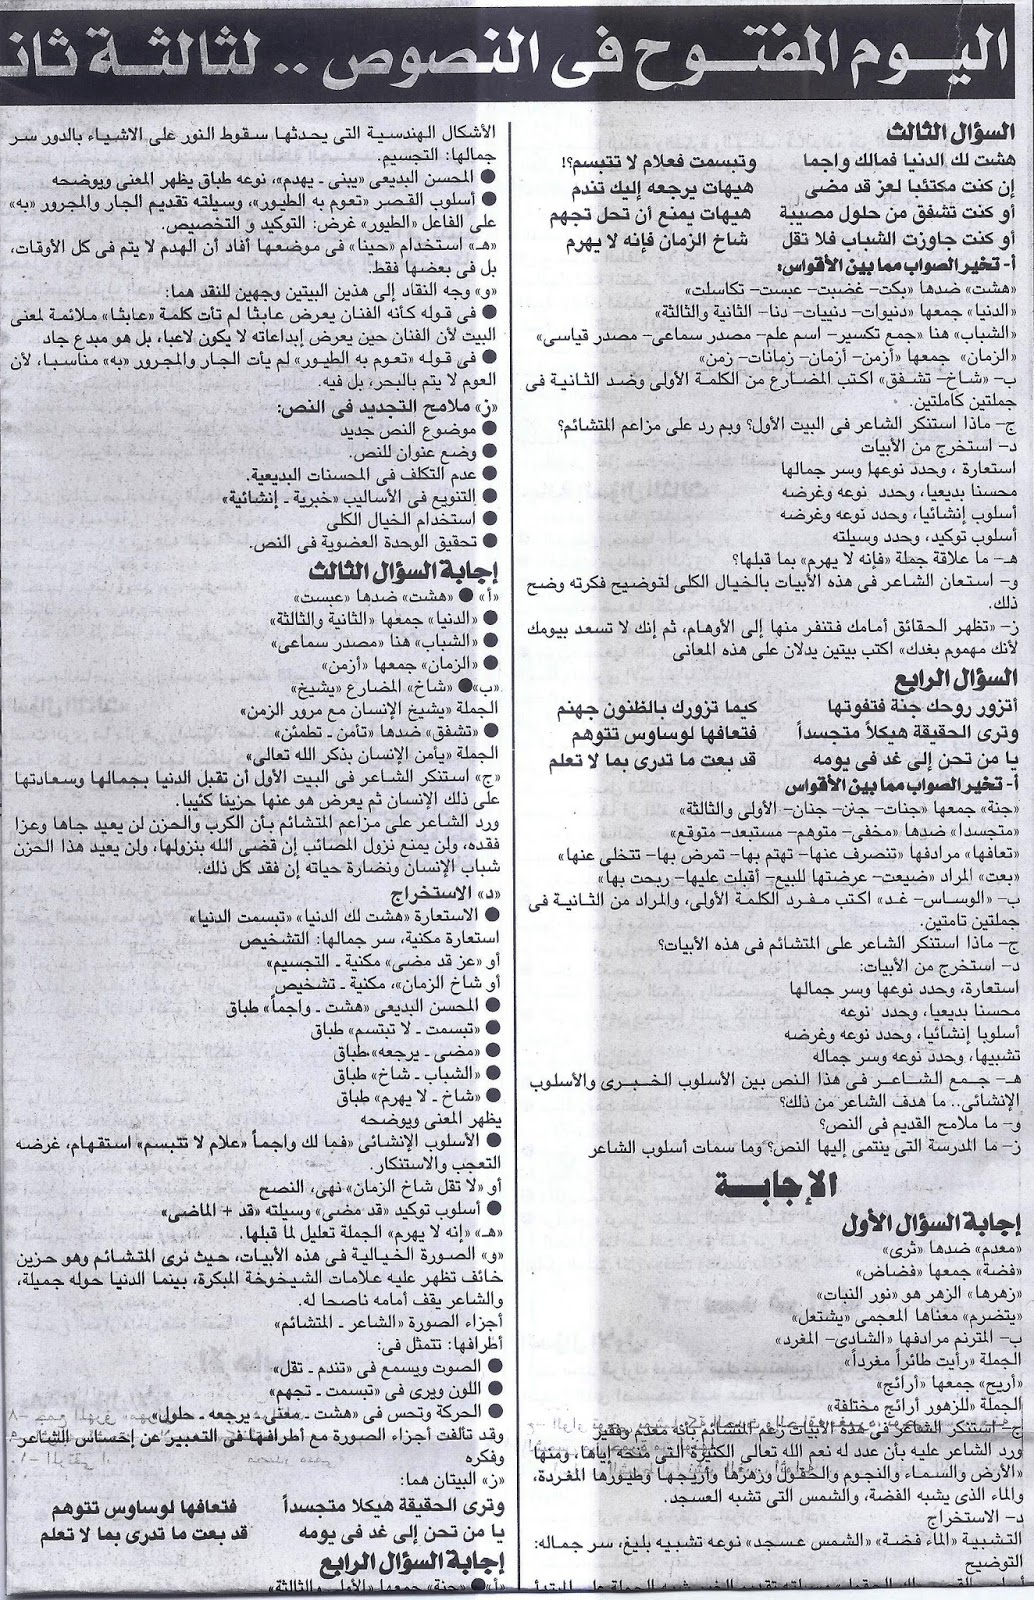 ملحق الجمهورية: مراجعة ليلة الامتحان في النصوص للصف الثالث الثانوى 9